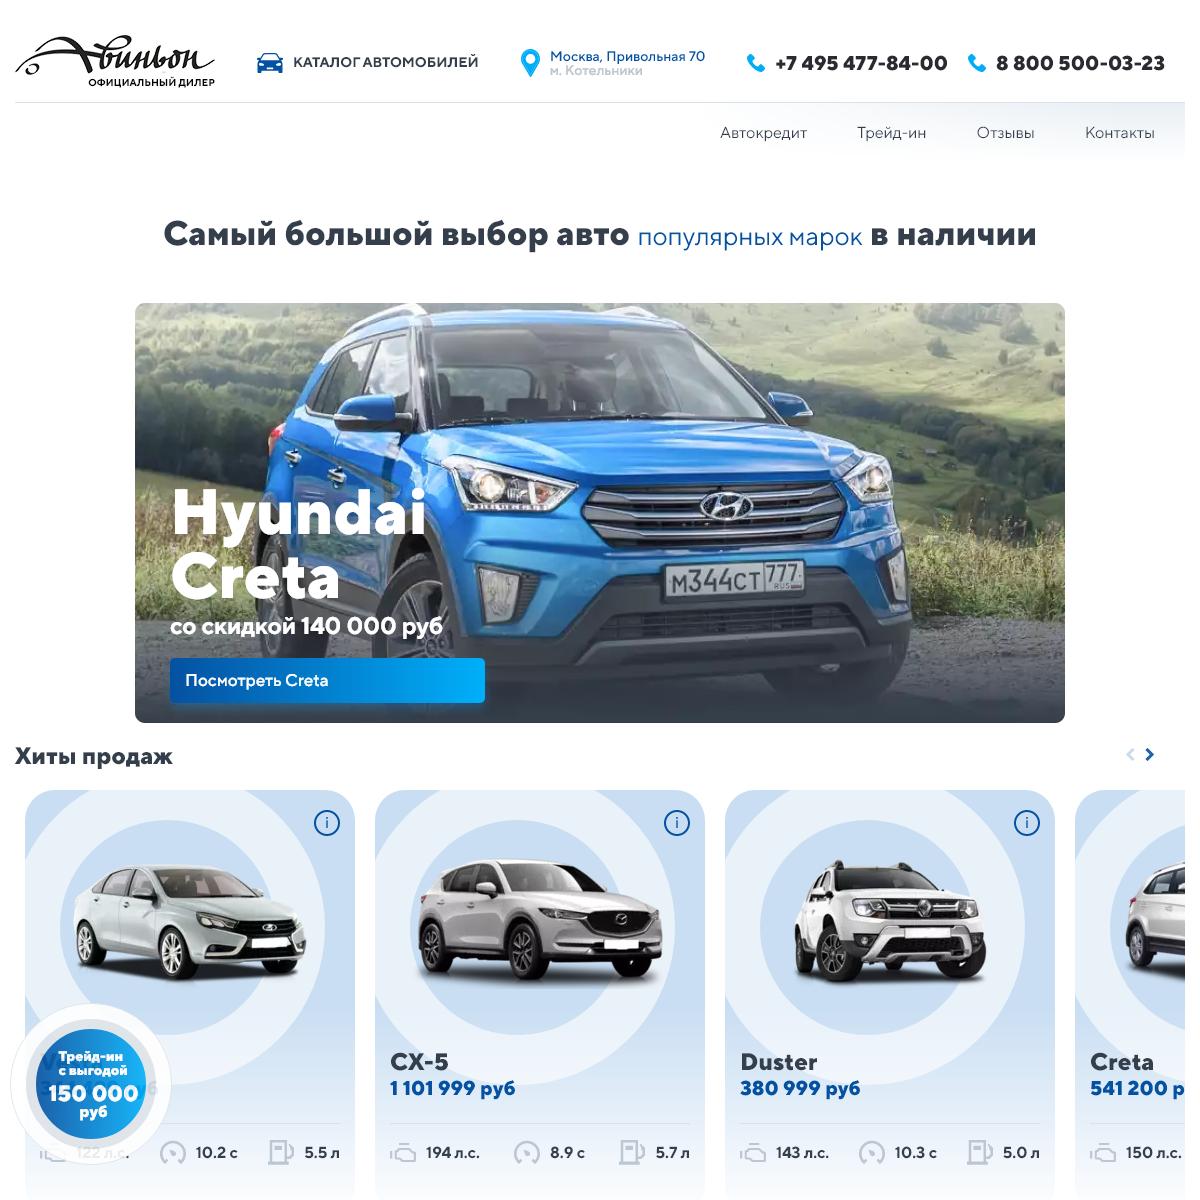 Автосалон в Москве 🚗 купить авто у официального дилера «Авиньон»